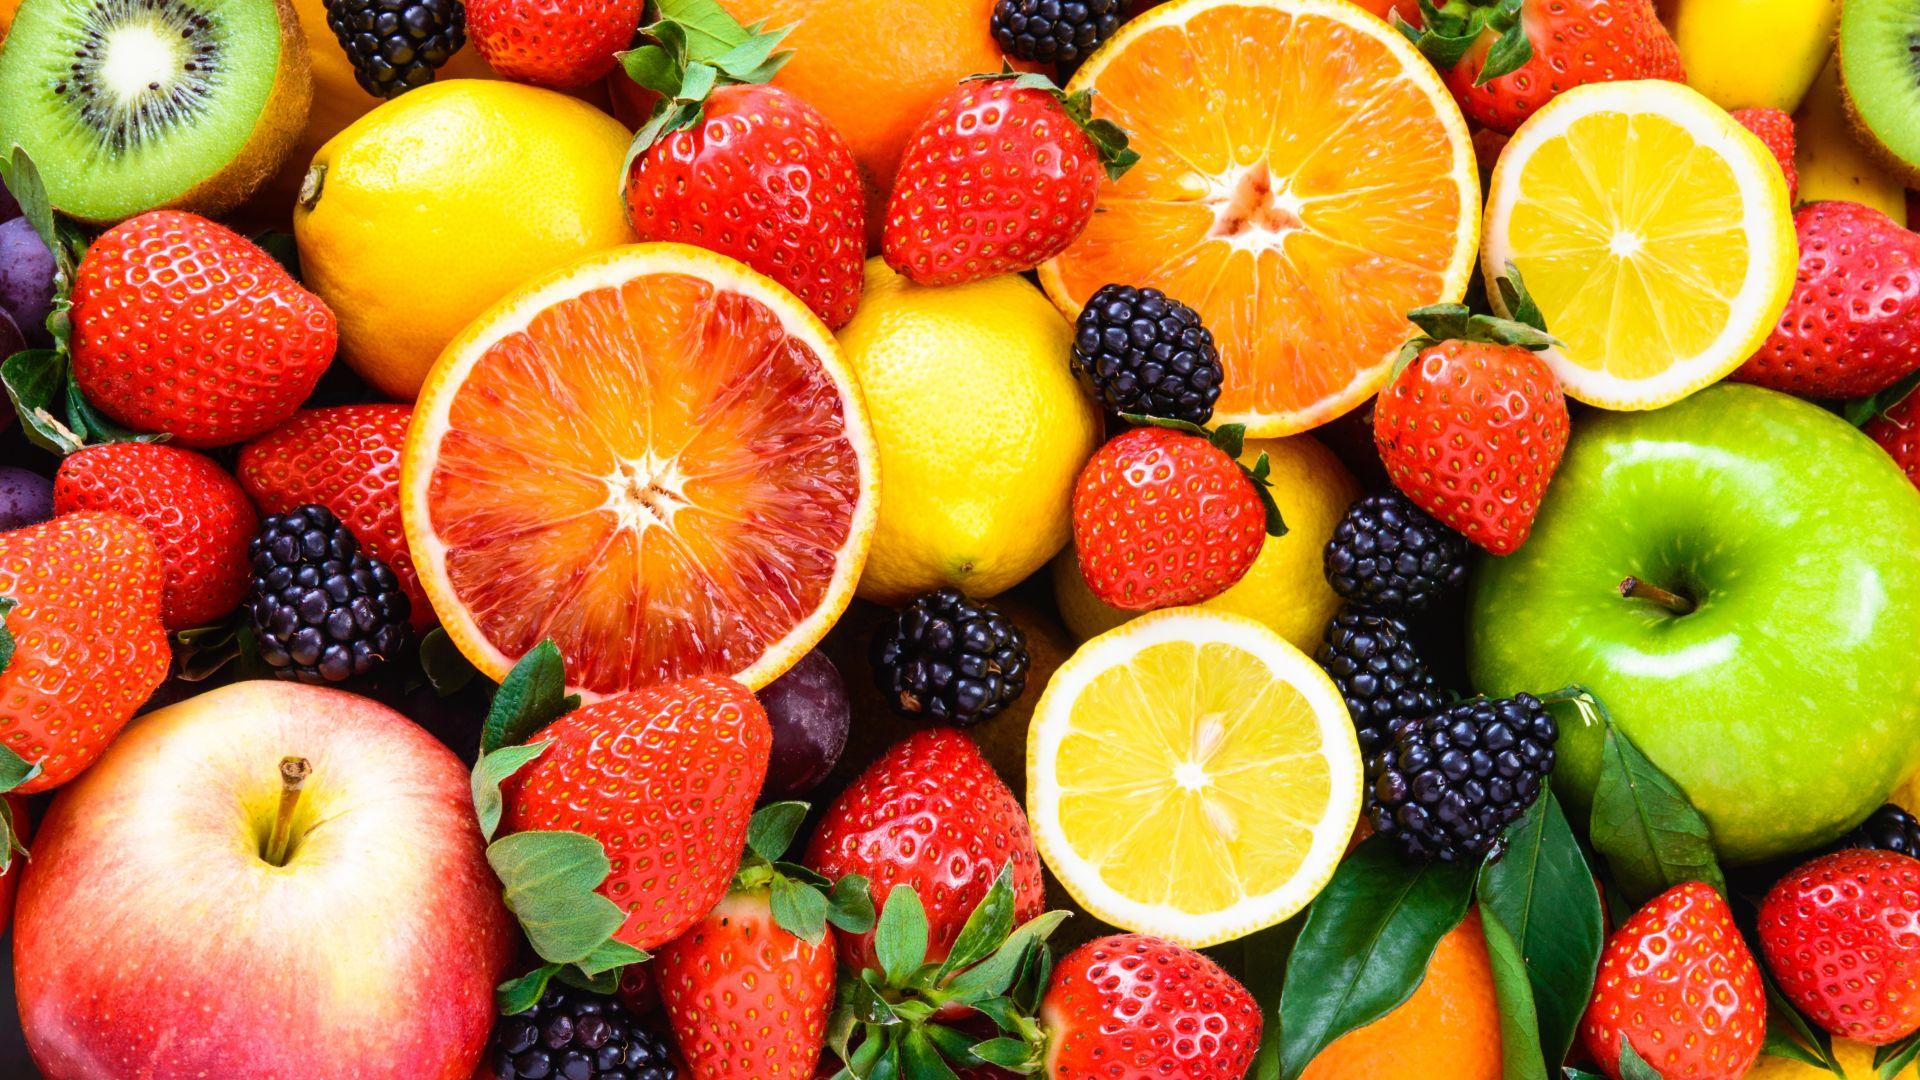 Wallpaper fruit apple orange strawberry lemon blackberry 5k 1920x1080